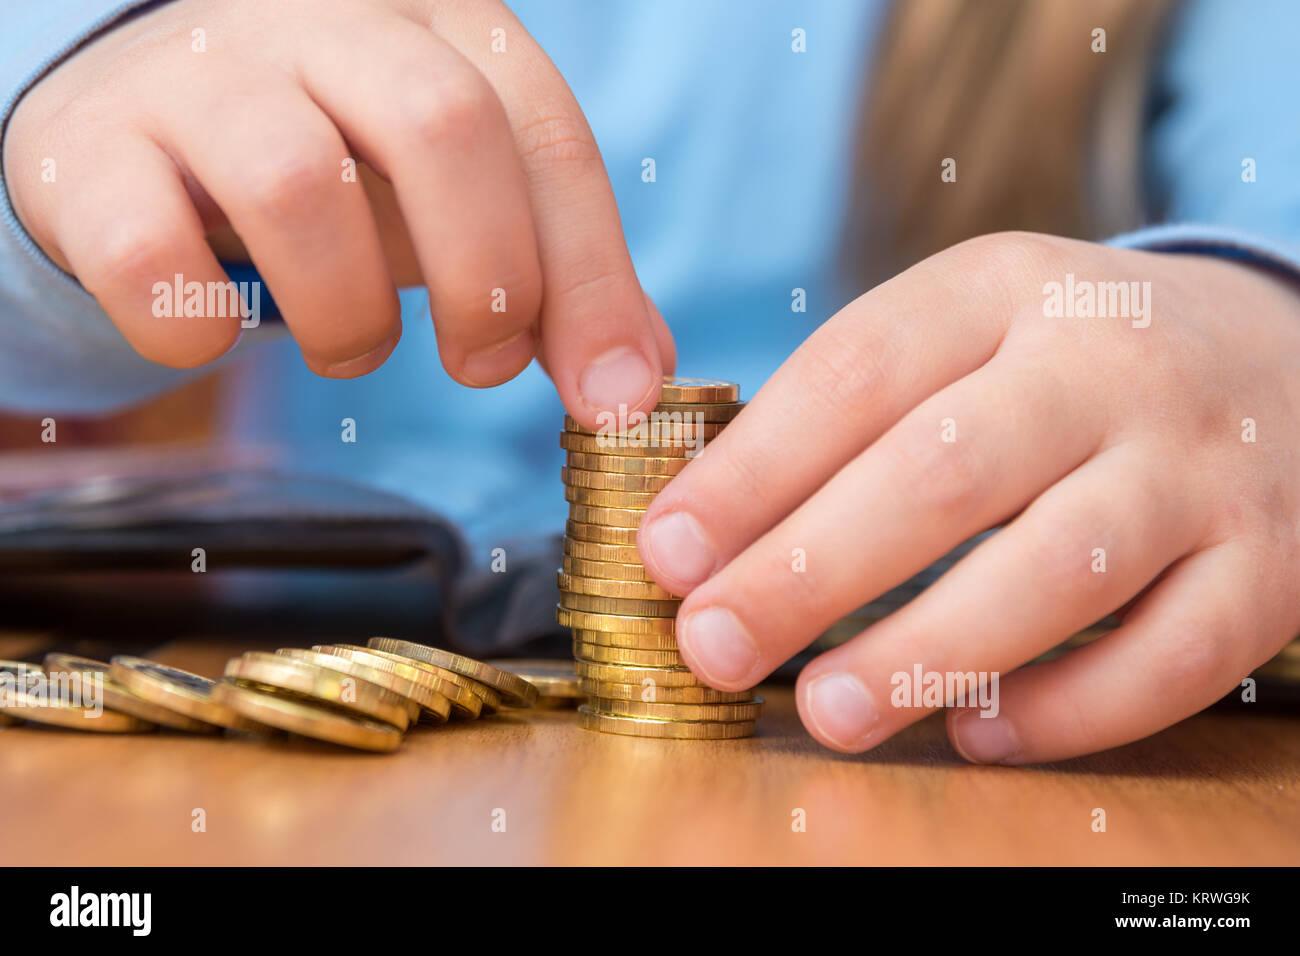 Kind sammelt einen Stapel von Goldmünzen, Nahaufnahme Stockbild